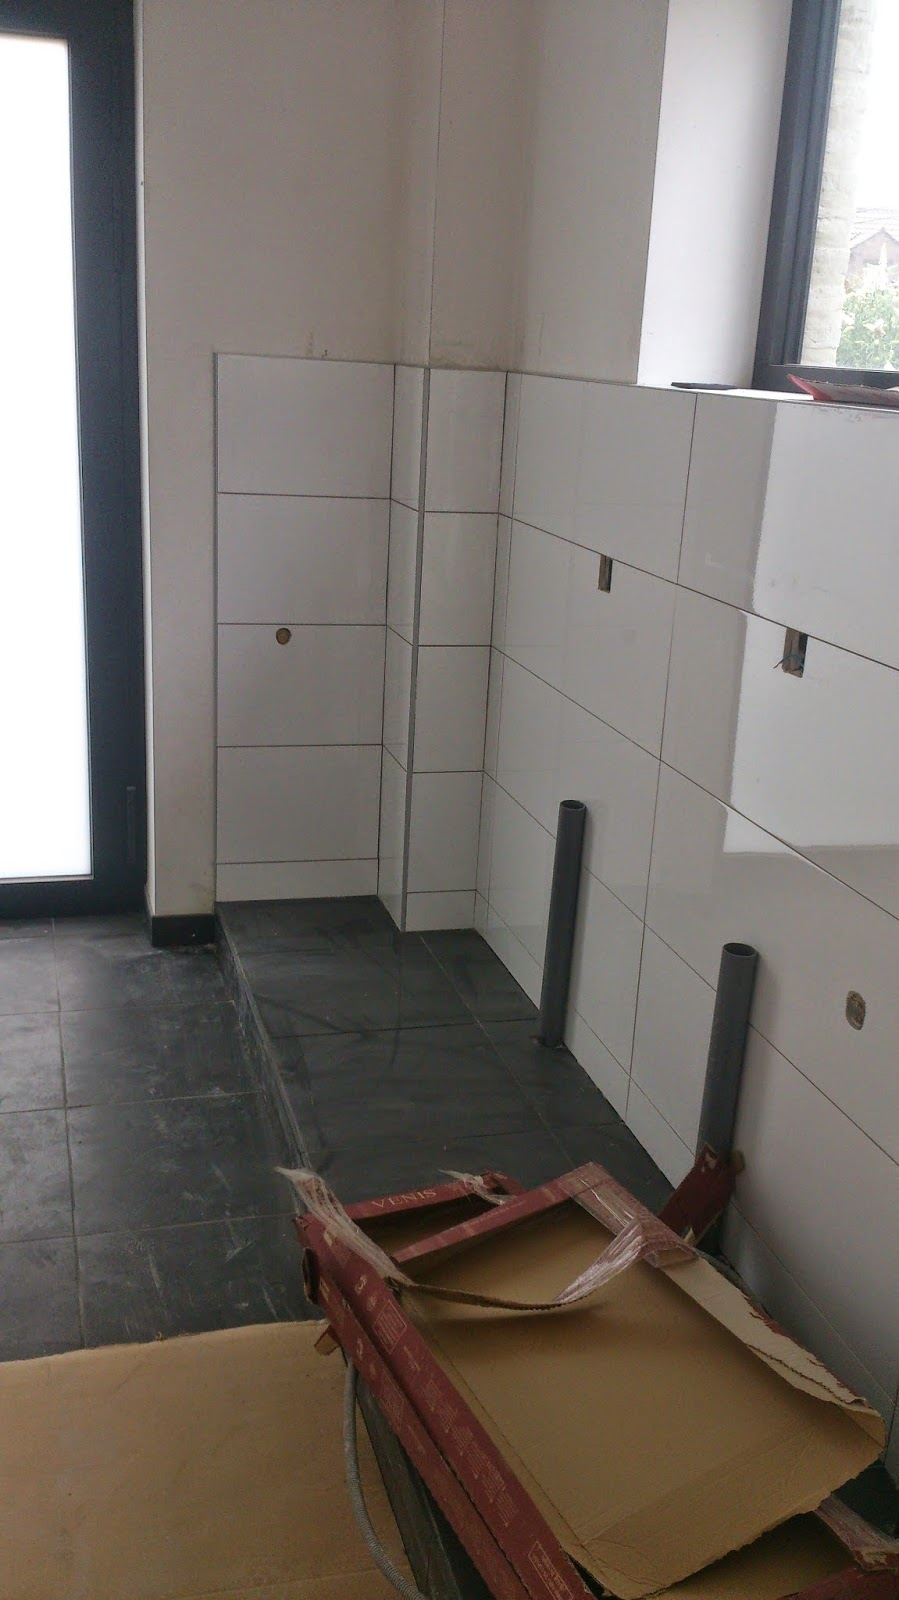 Kaboutersgezochtdeel2 12 en 13 juli deuren geplakt ikea dressing ophalen kasten bureau in - Coulissan deur je dressing bladeren ...